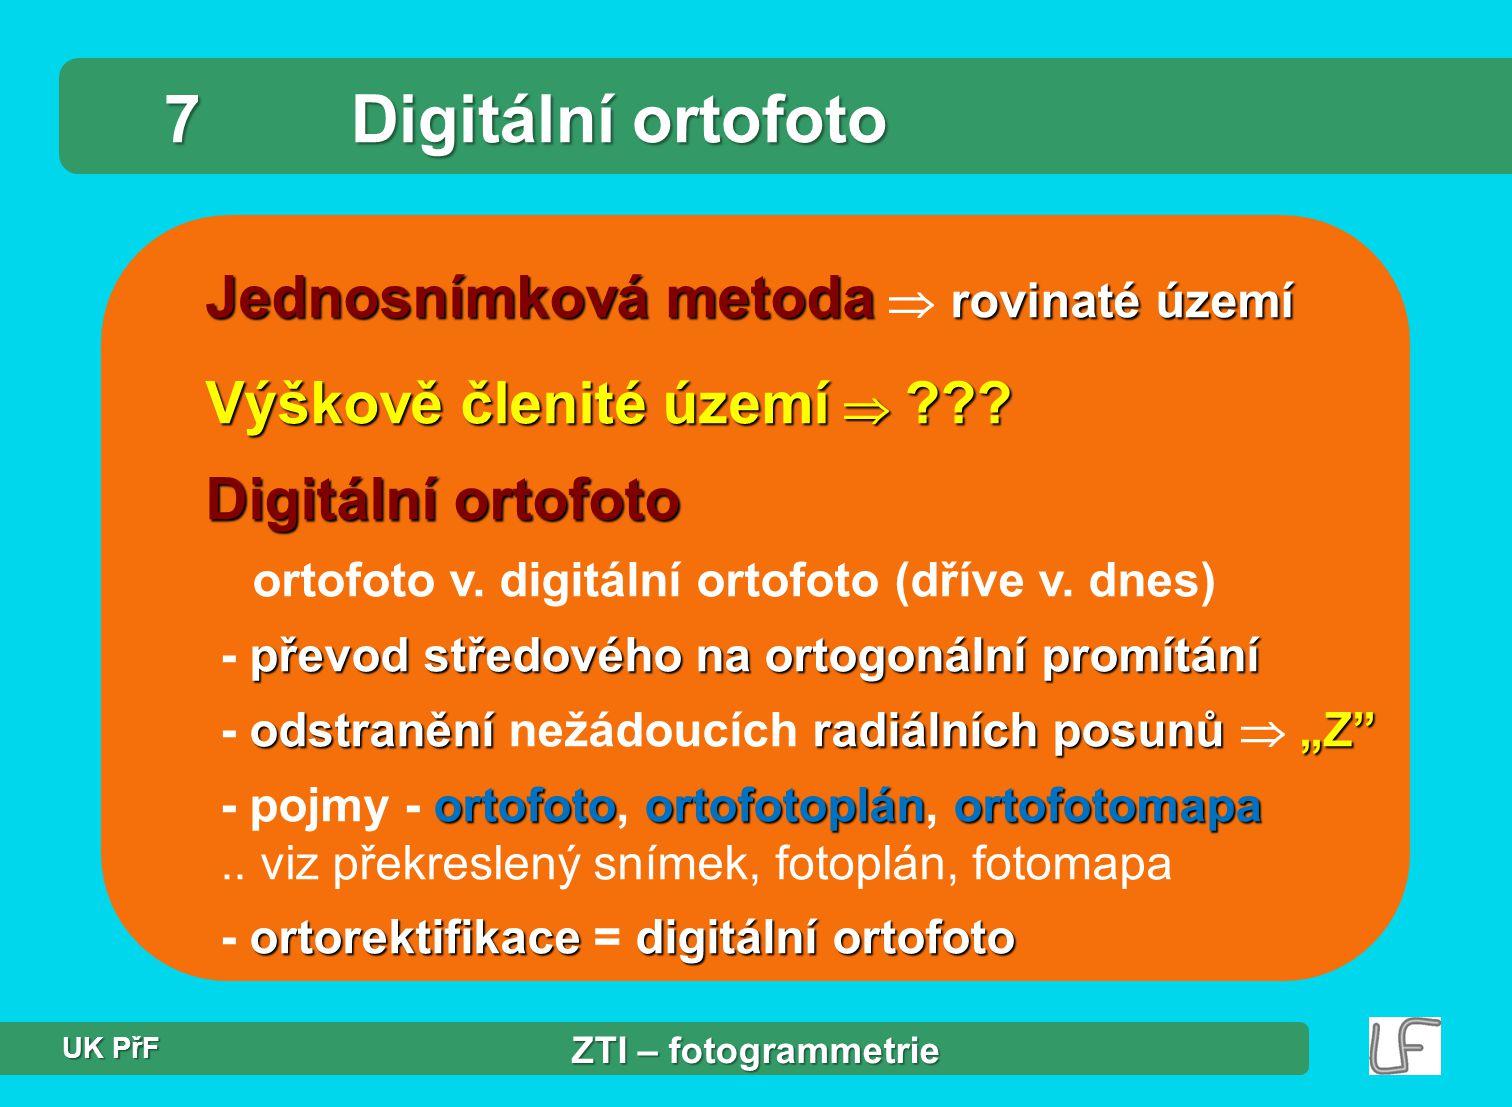 7 Digitální ortofoto Jednosnímková metoda  rovinaté území